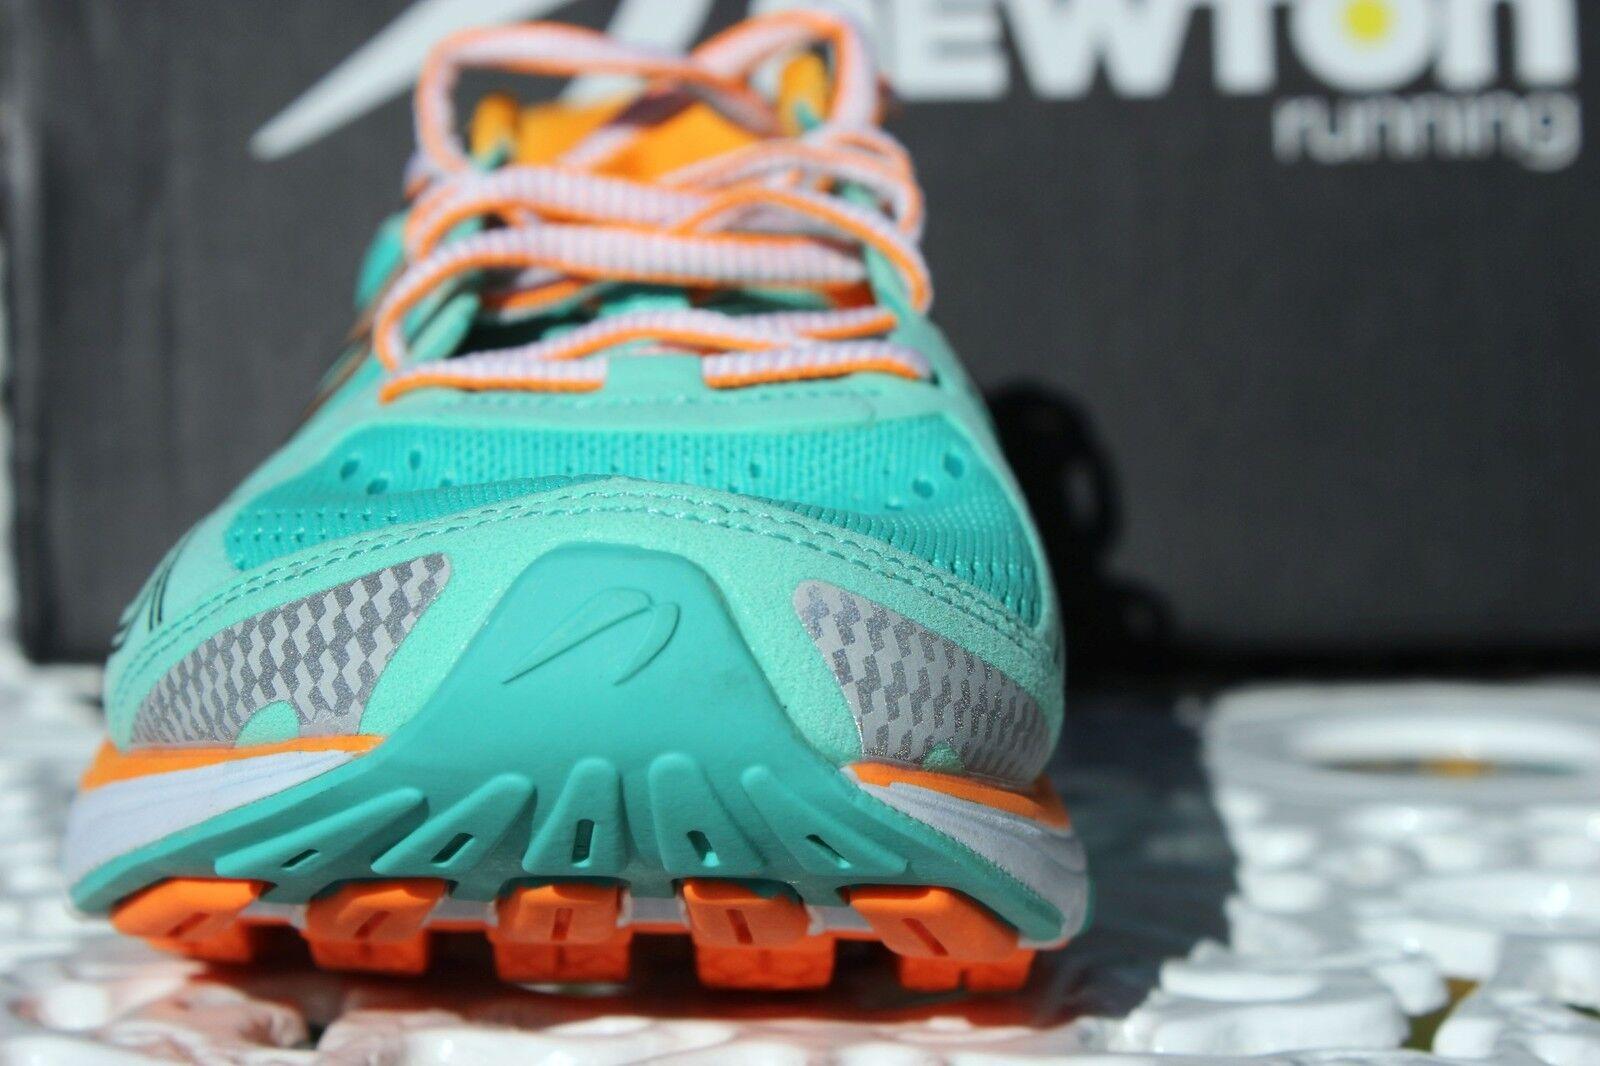 Newton Fate damen UK 6 EU39 US8 25.5cm Grün (Teal) Orange 011615-